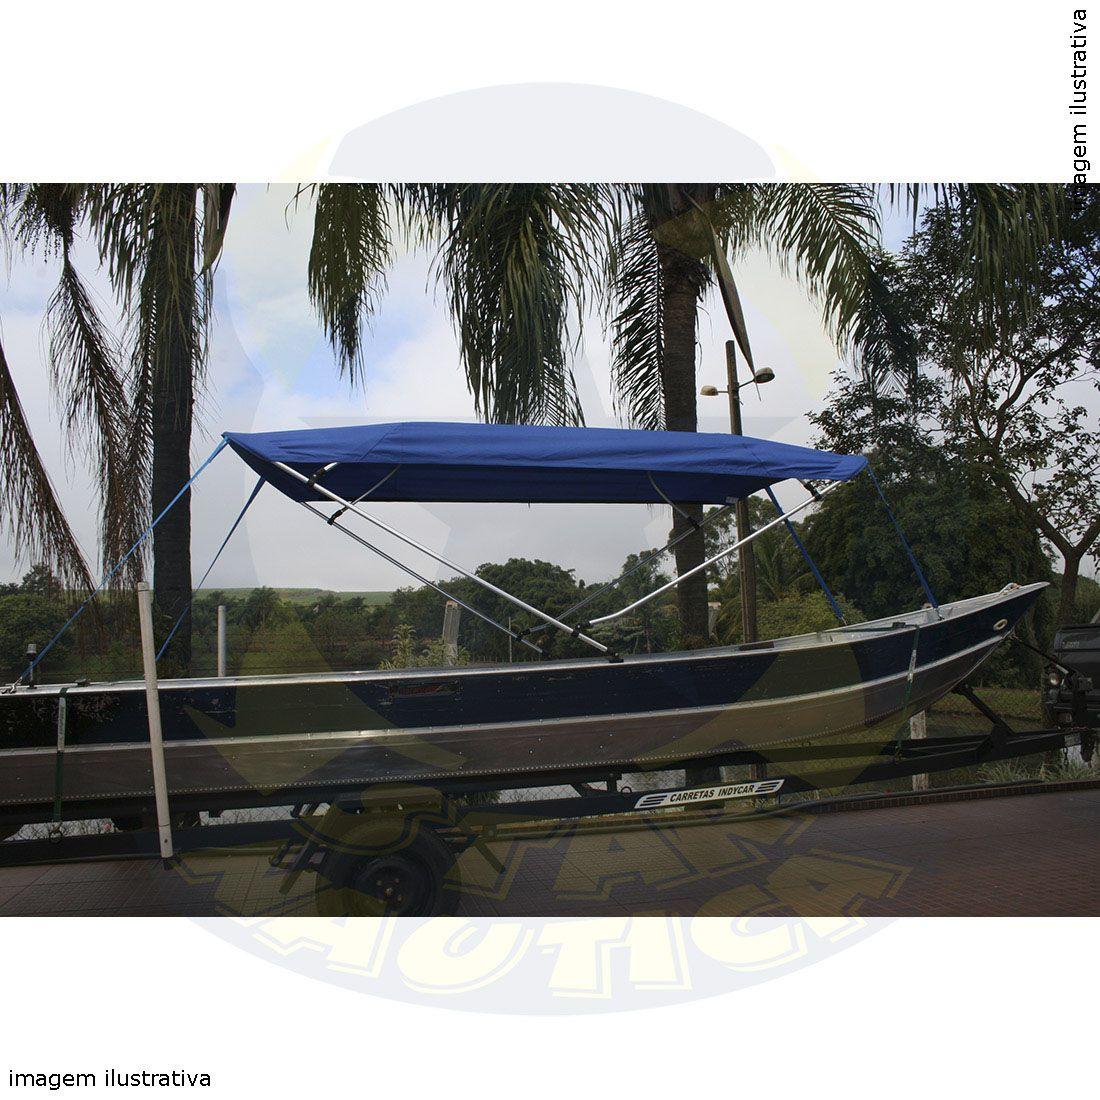 Capota Toldo Barco Calaça Flash Bass 500 Poliéster 4 Arcos Tubo 7/8